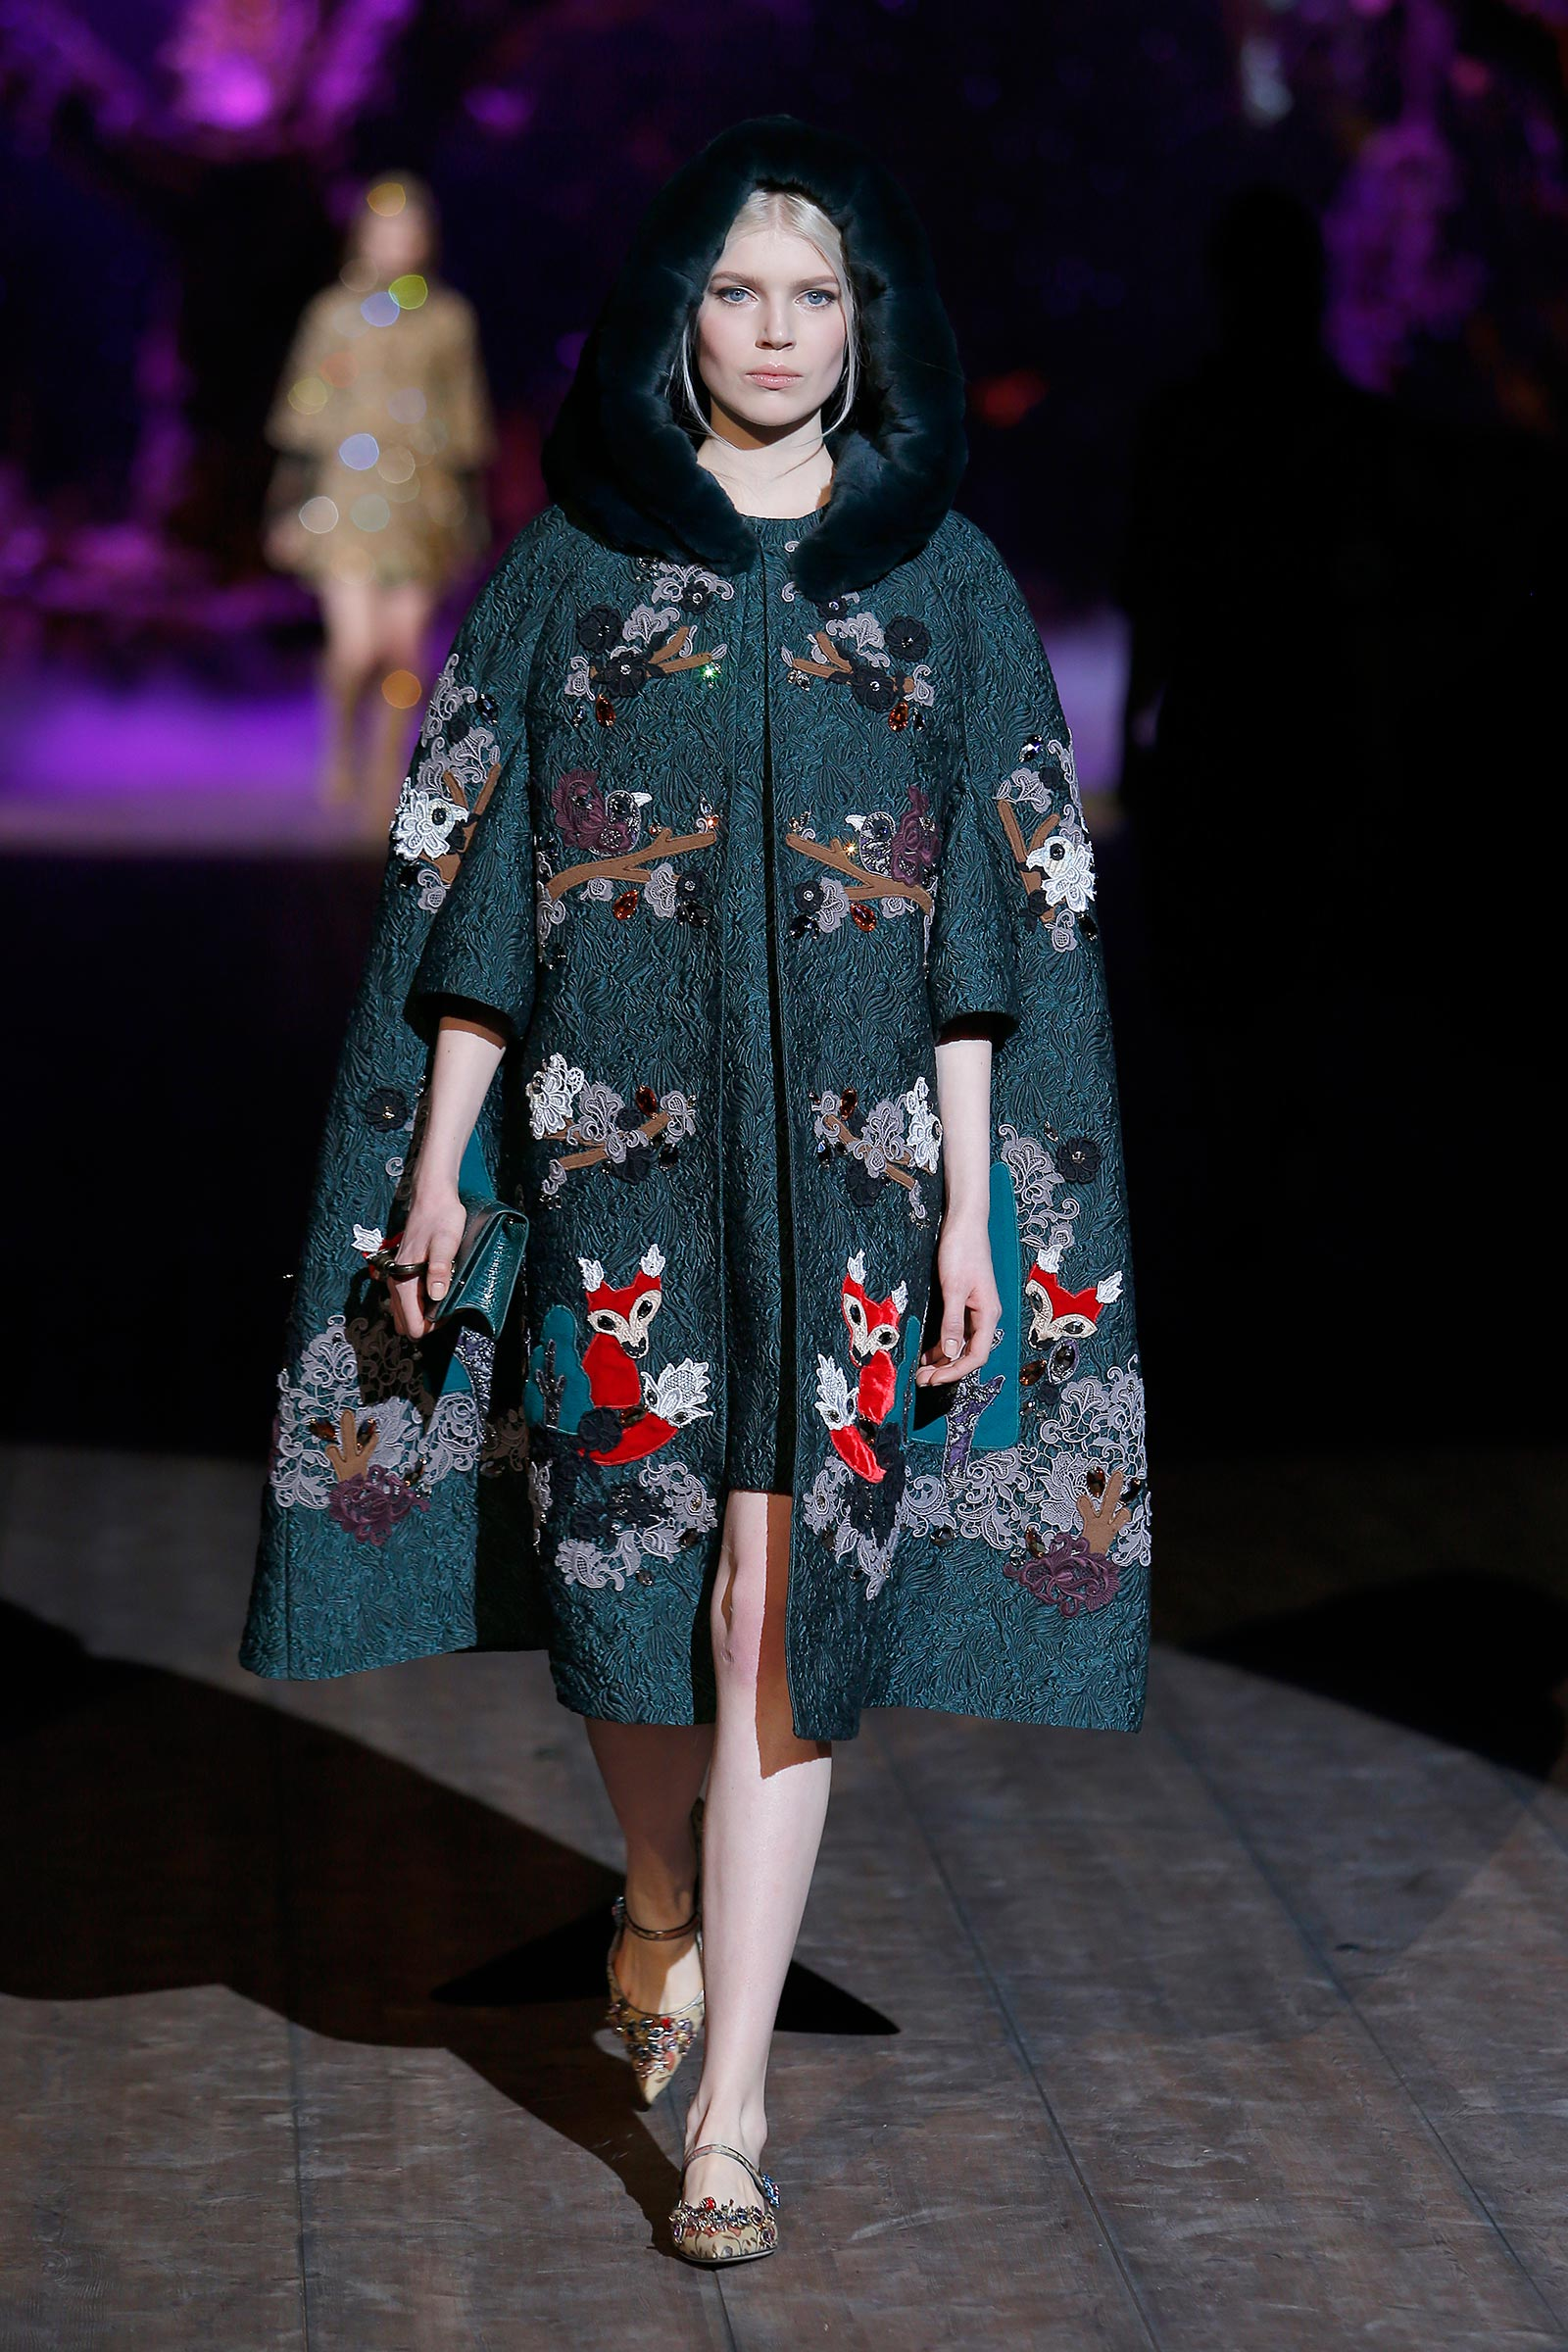 El cuento de hadas de Dolce and Gabbana: Colección invierno 2015